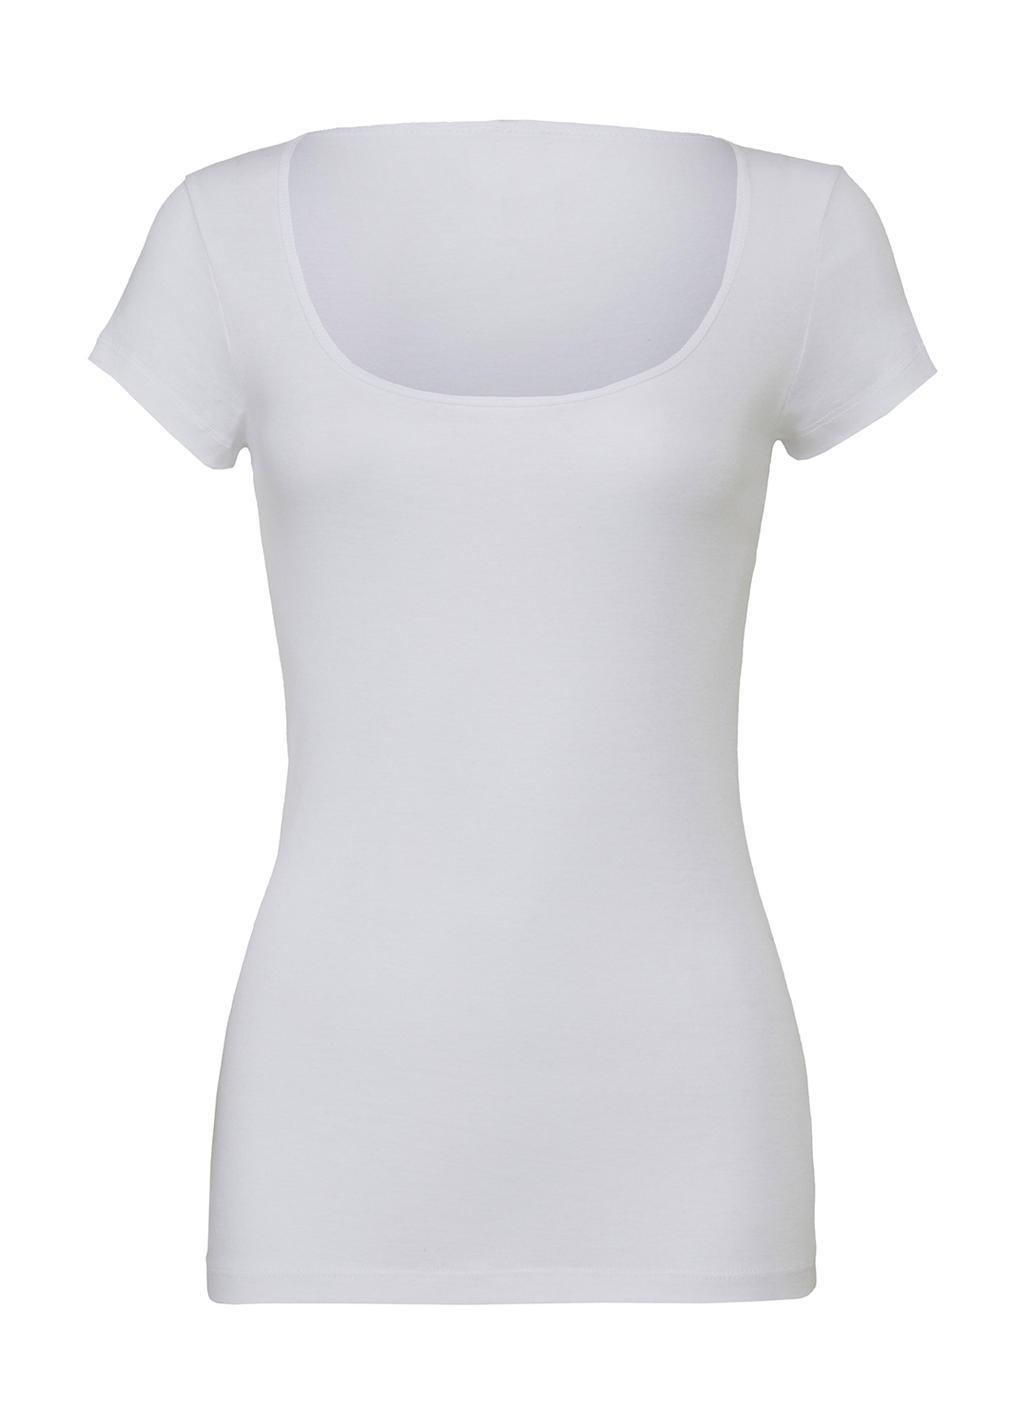 Sheer Scoop Neck T-Shirt